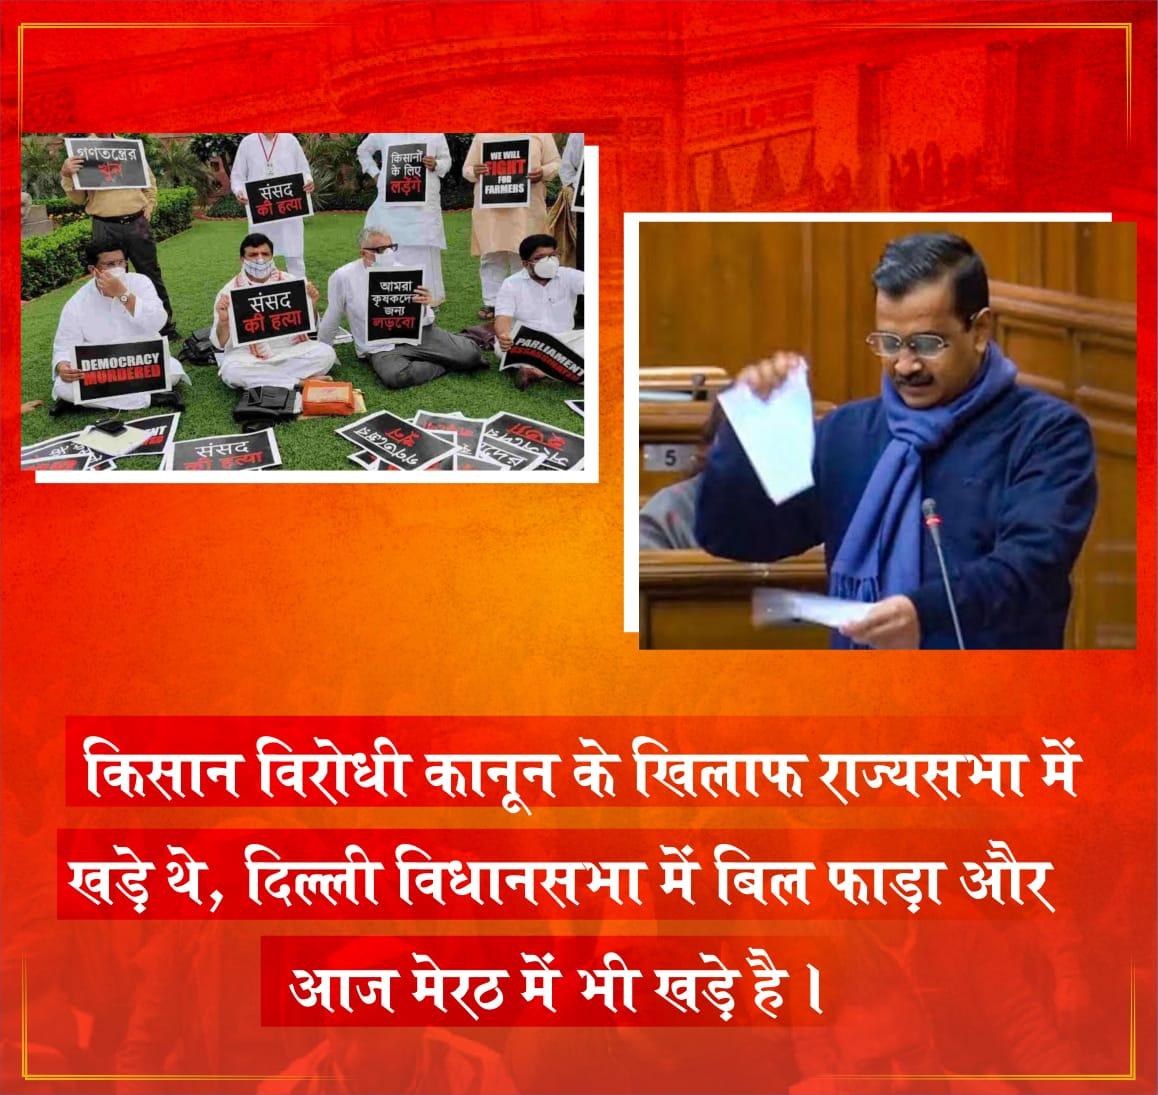 किसानों के हक के लिए @AamAadmiParty संसद से लेकर विधानसभा तक मे किसानों के साथ है।  #KejriwalRoarsInMeerut